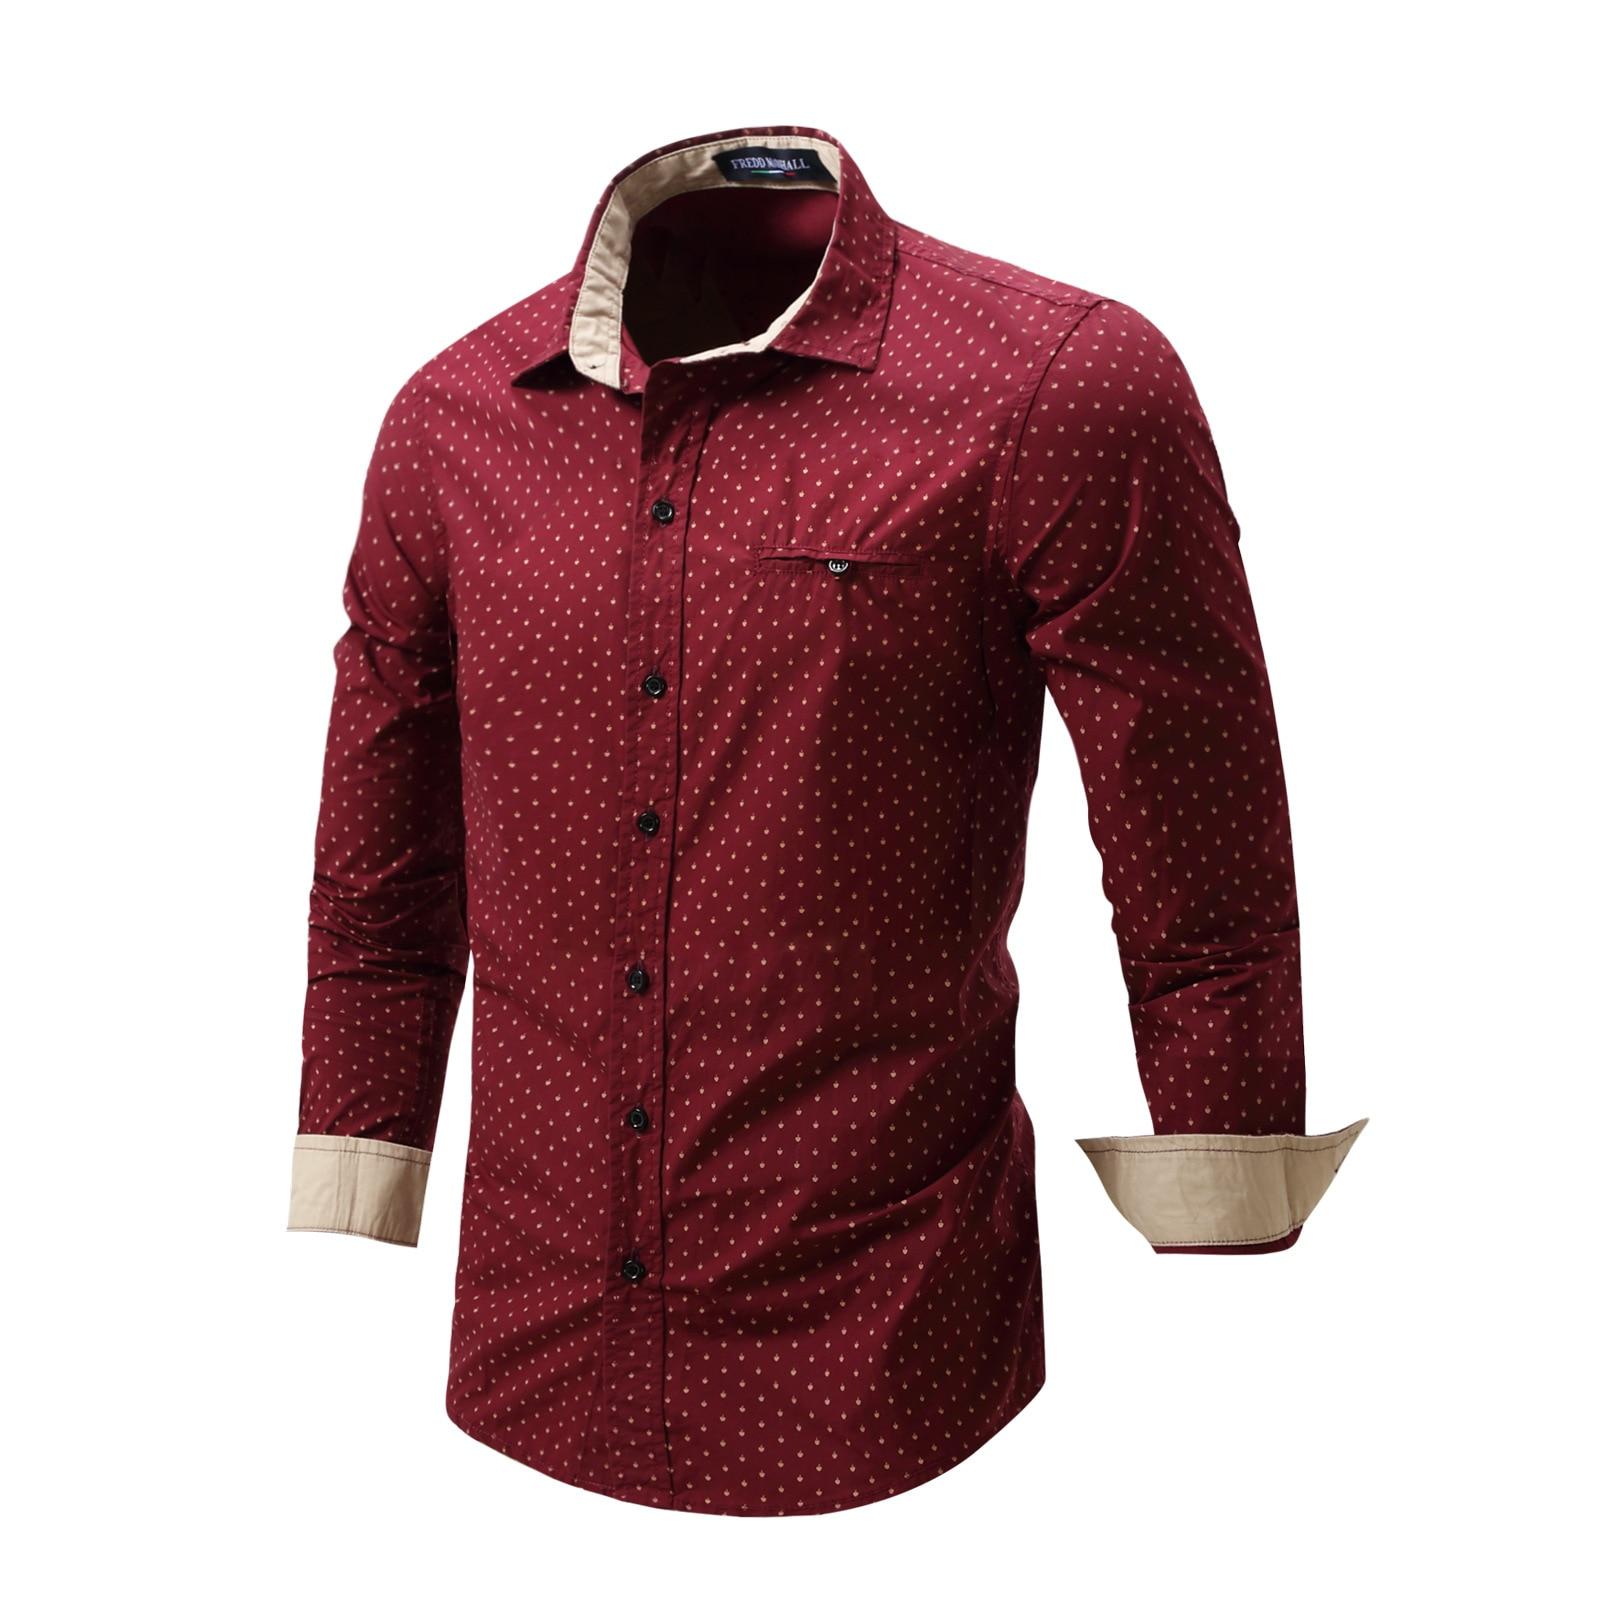 b186a2d822 Moda Hombre Camisa de Vestir de Manga Larga Rojo Bandas Cuello Diseñador  Ocasional de Fácil Cuidado Camisas Sin Cuello Slim Fit Camisa de Vestir  FM0501 en ...